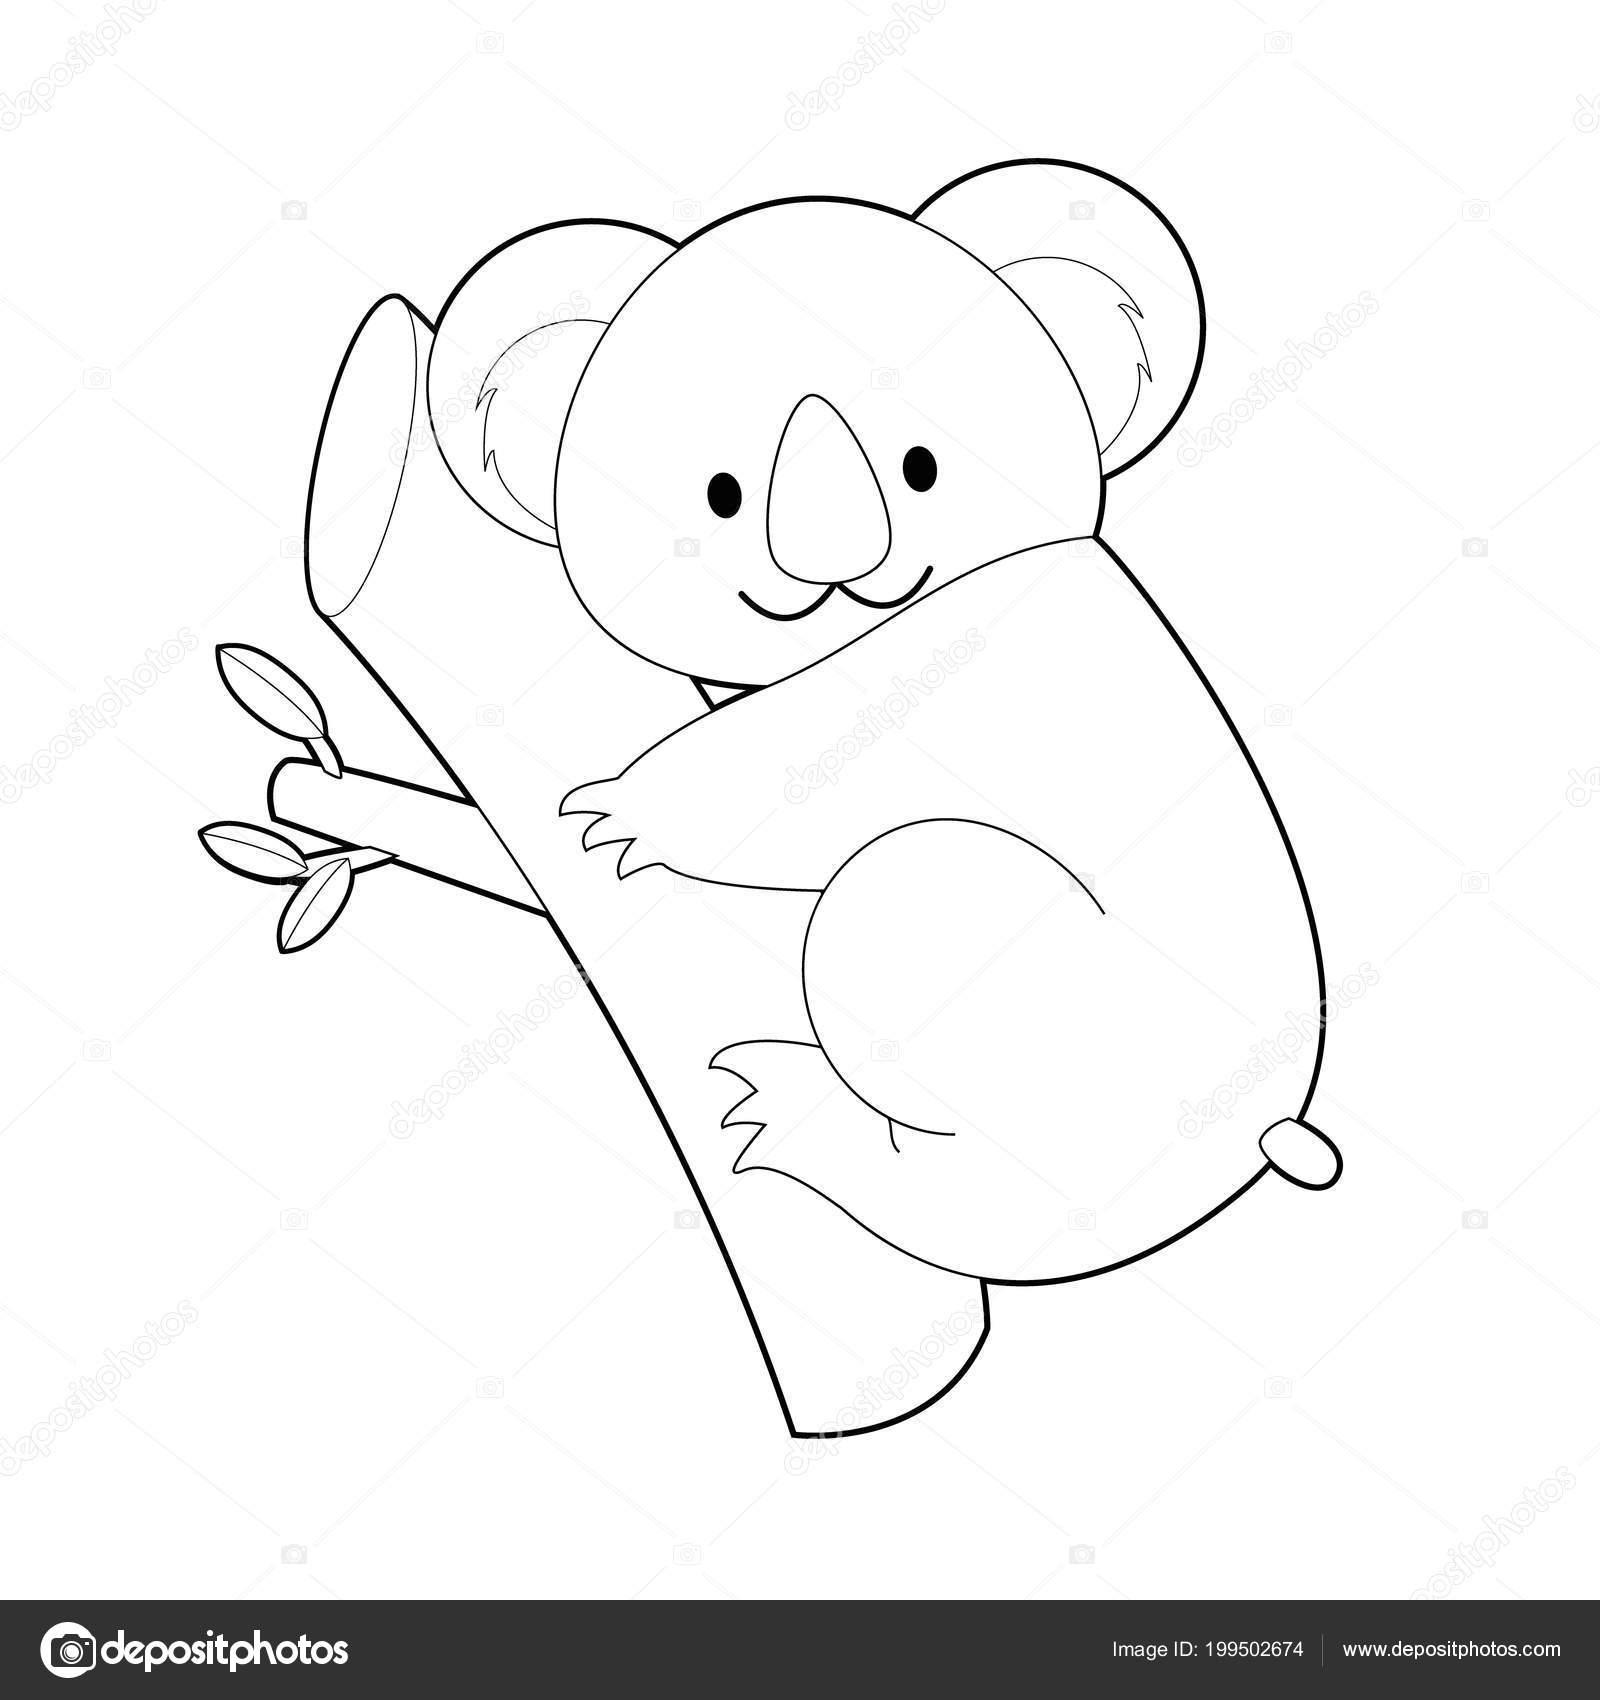 kleurplaat eenvoudig tekeningen dieren voor kleine